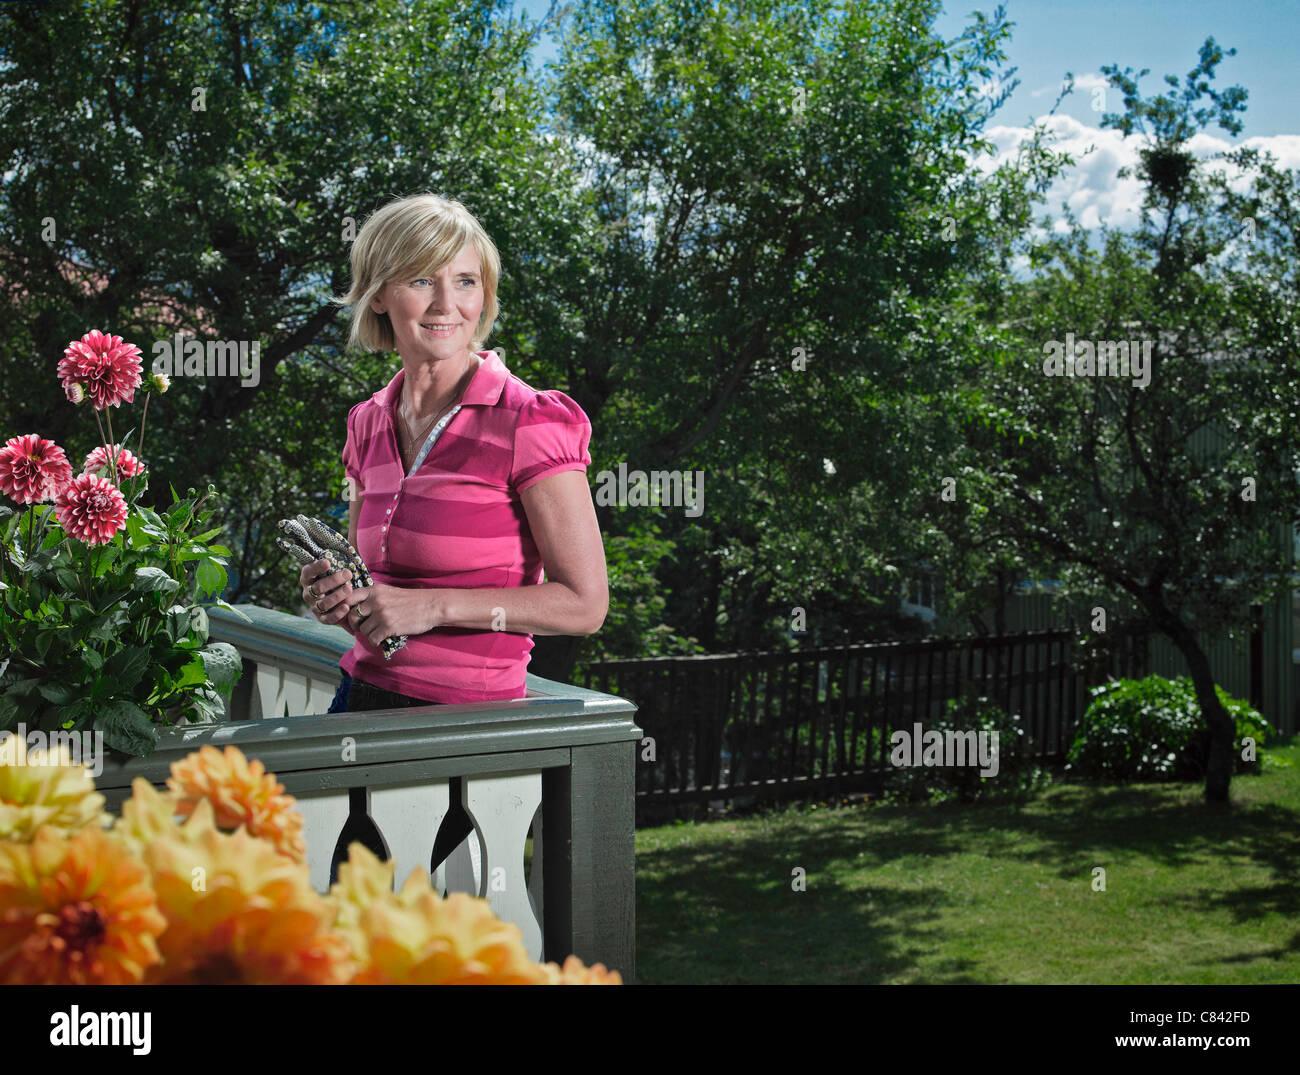 Woman relaxing on balcony - Stock Image